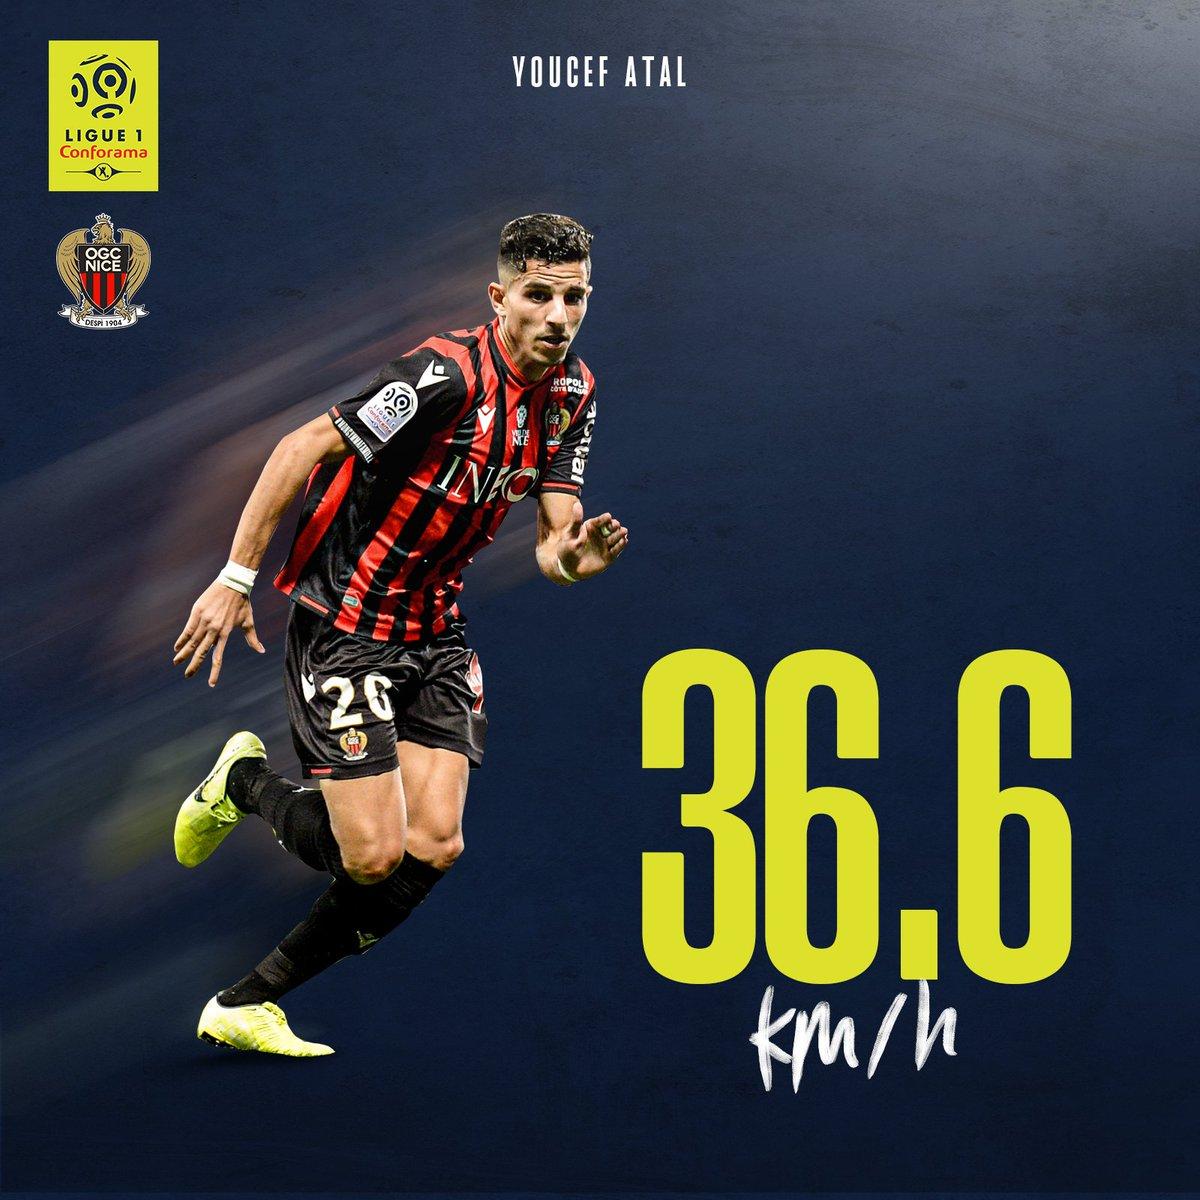 Ligue 1: Nizza-Angreifer Youcef Atal ist schnellster Spieler der Saison